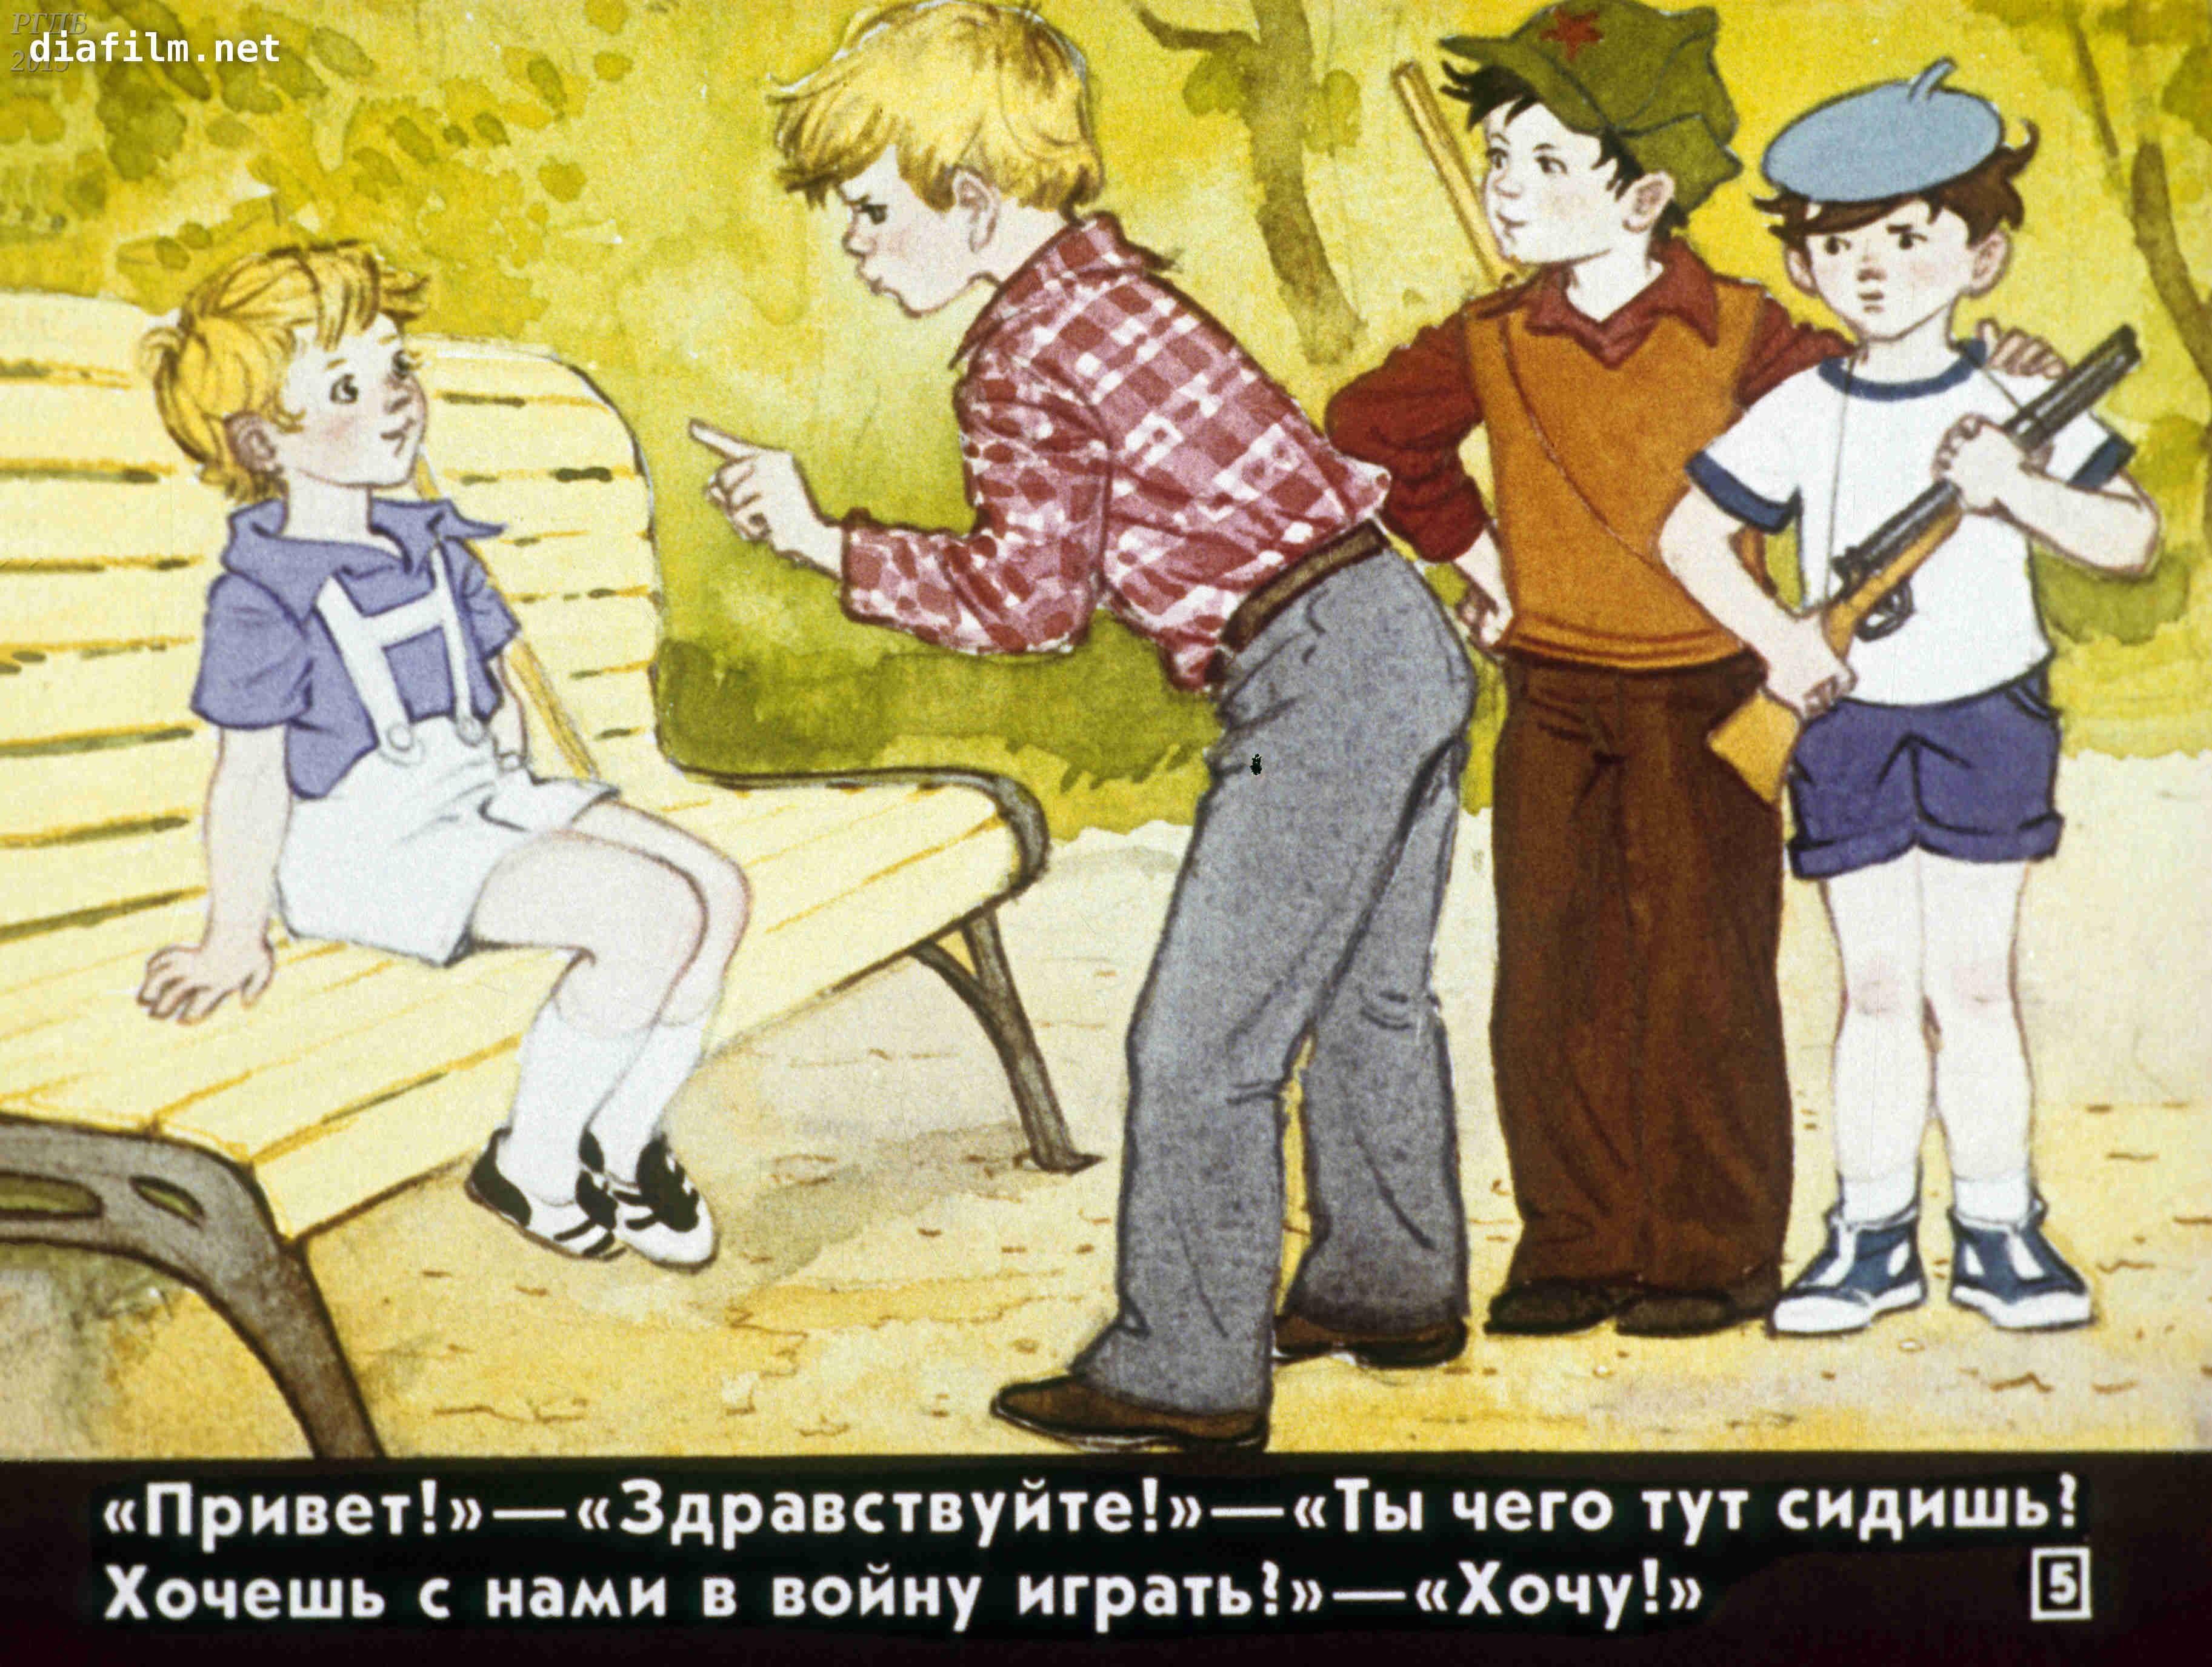 ФРАГМЕНТ МУЛЬТФИЛЬМА Л ПАНТЕЛЕЕВ ЧЕСТНОЕ СЛОВО СКАЧАТЬ БЕСПЛАТНО